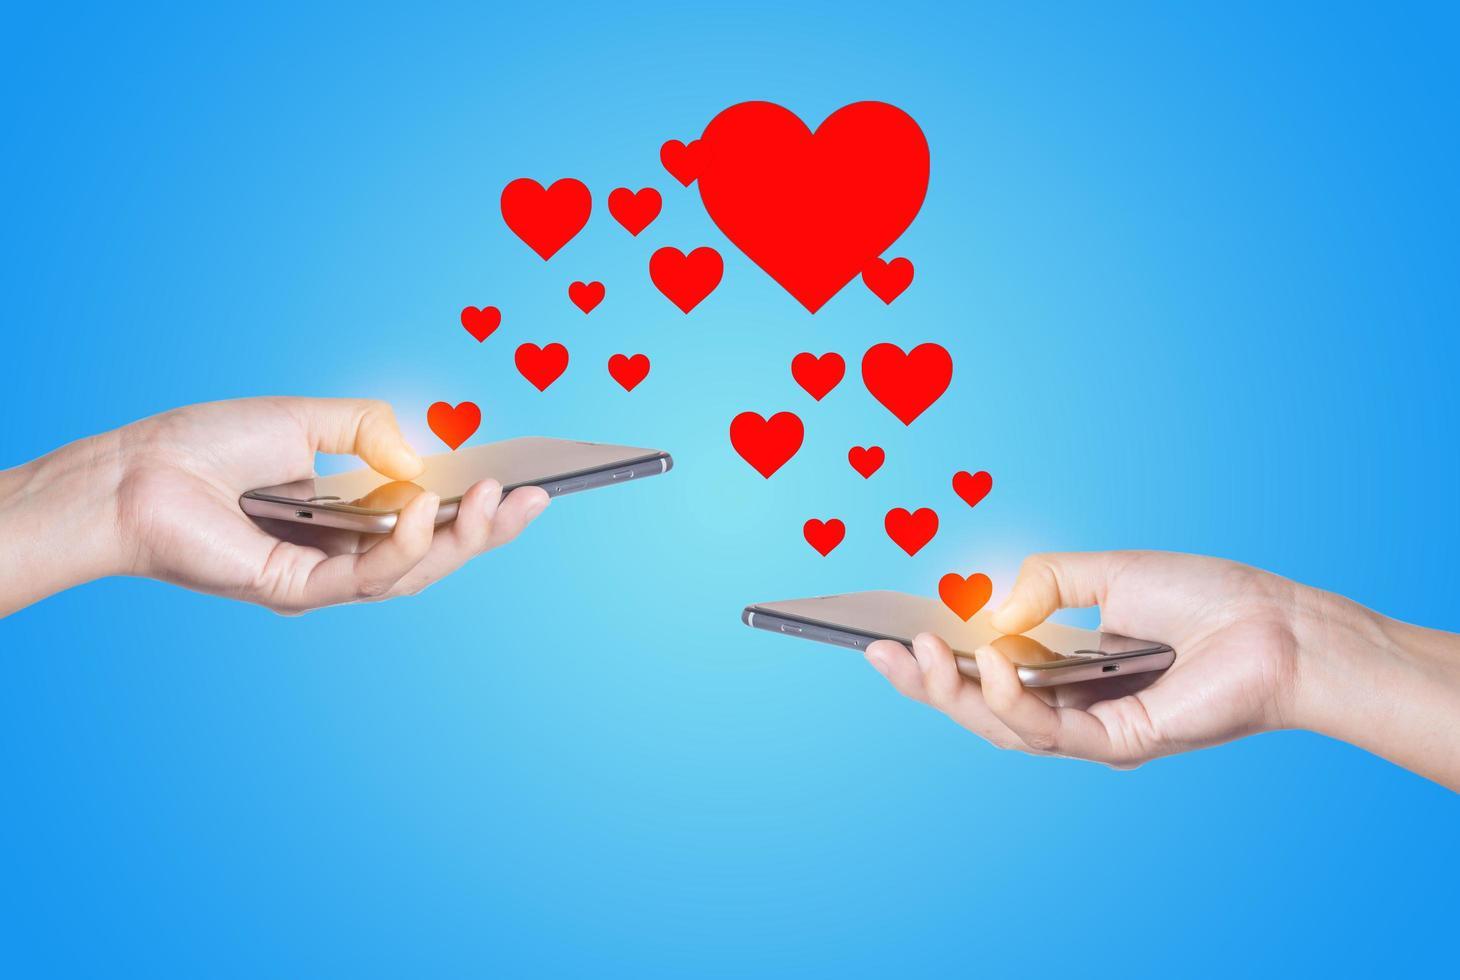 mãos com celular e coração foto